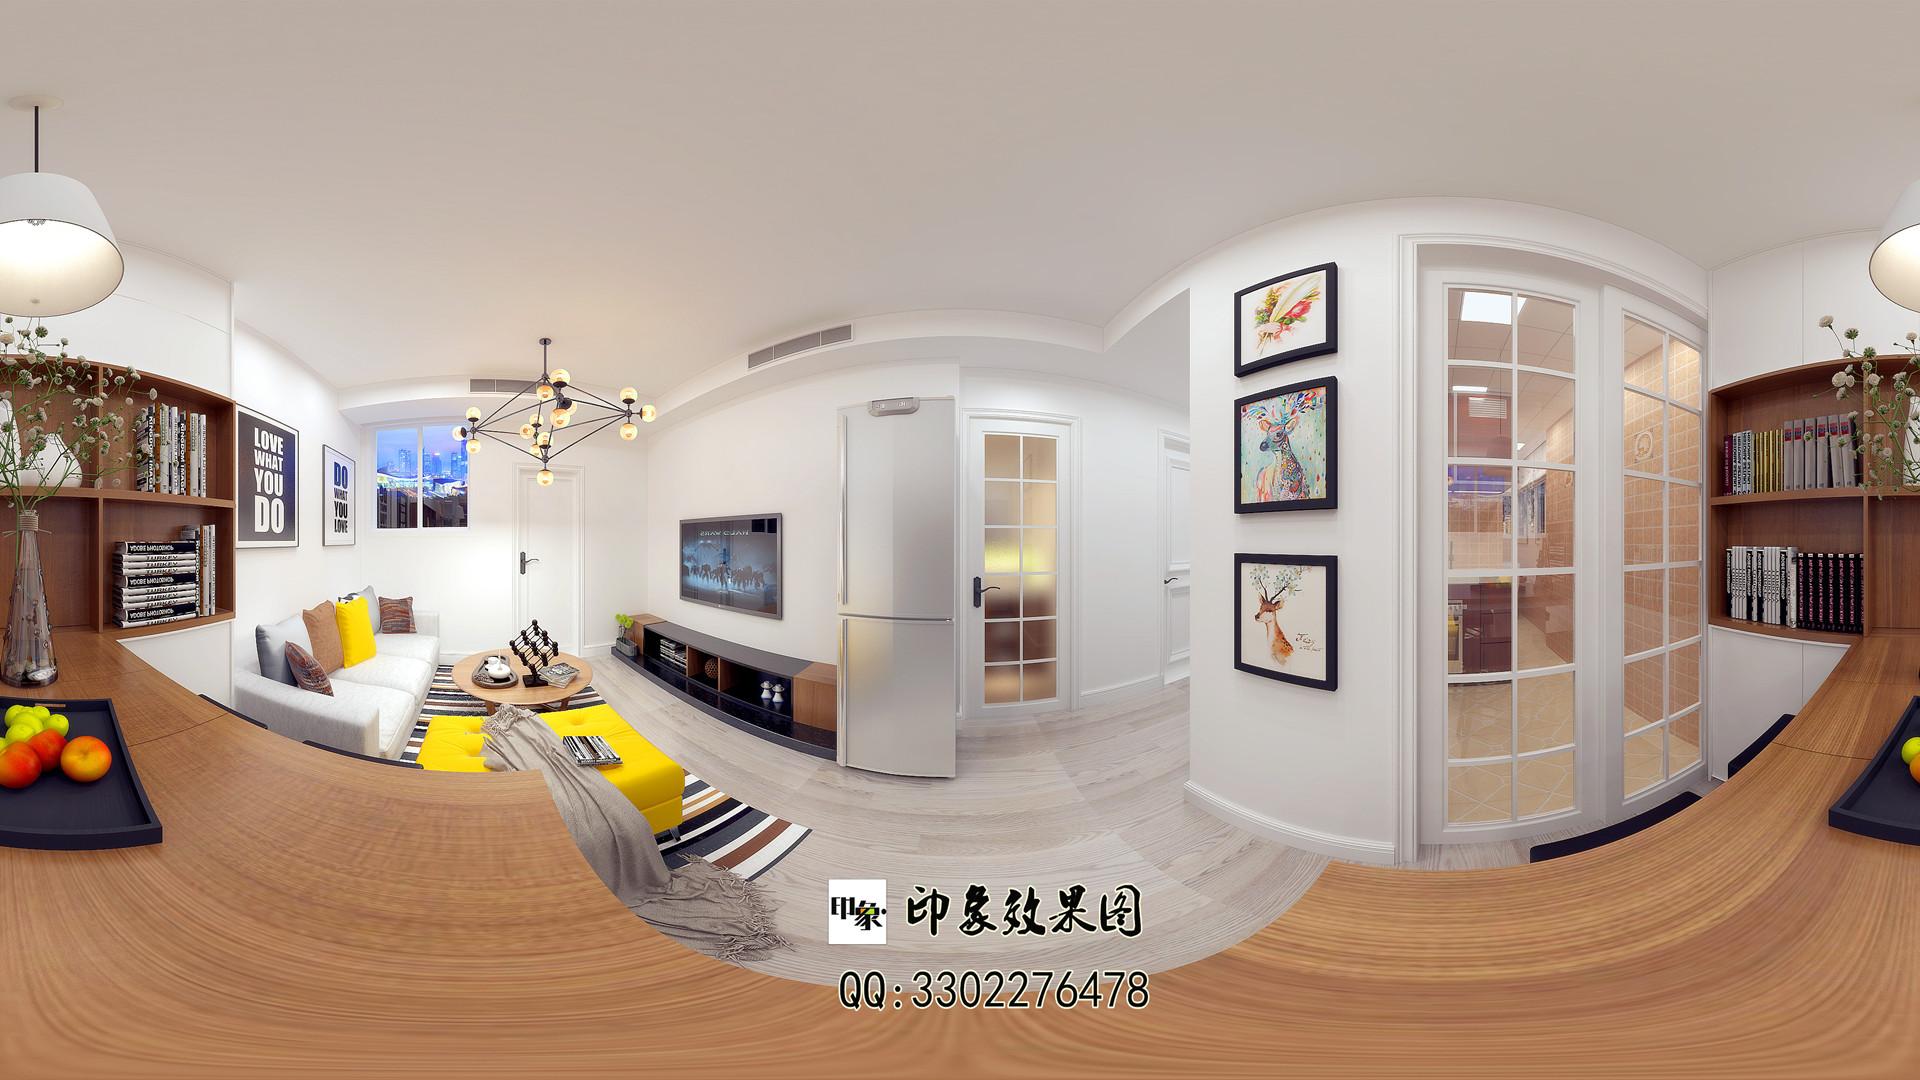 360全景装修-装修360全景效果图,实景装修案例,720度